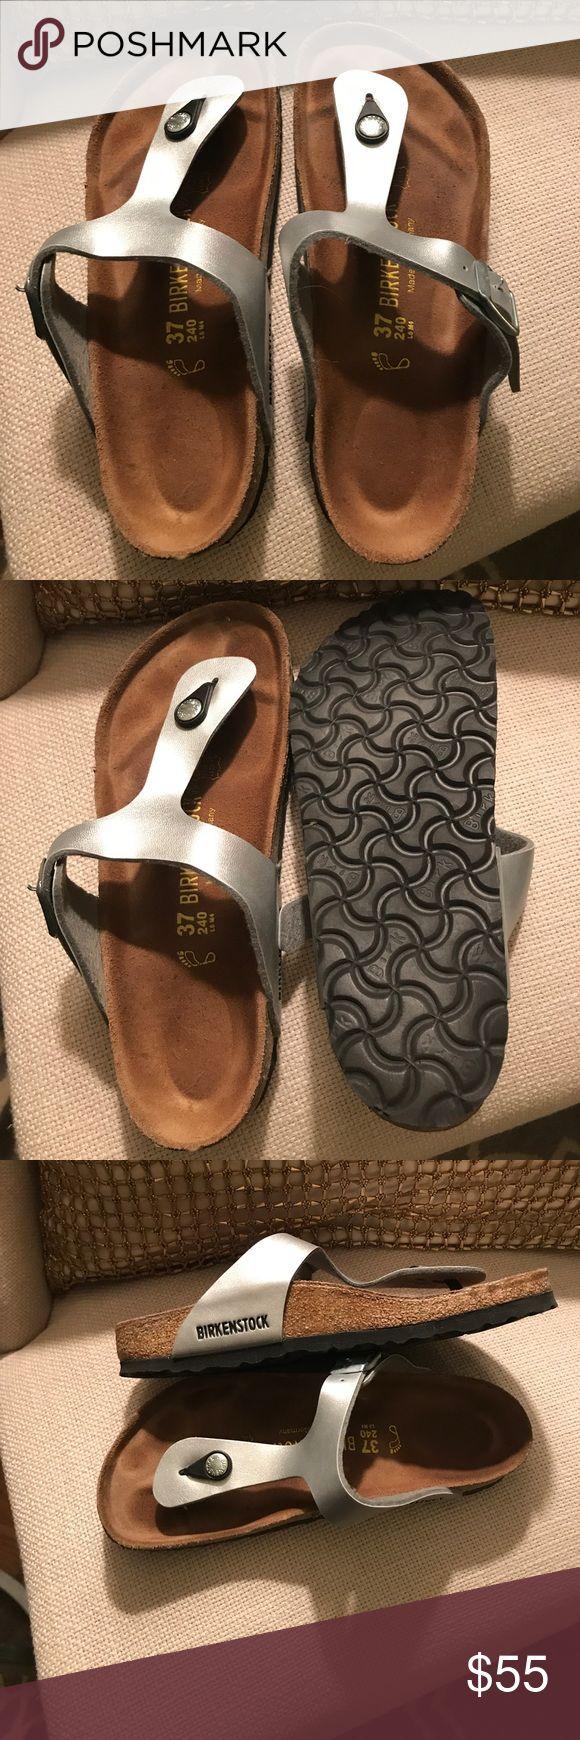 Birkenstock metallic sandals Silver Birkenstock Gizeh size 7; like new- only worn one season Birkenstock Shoes Sandals